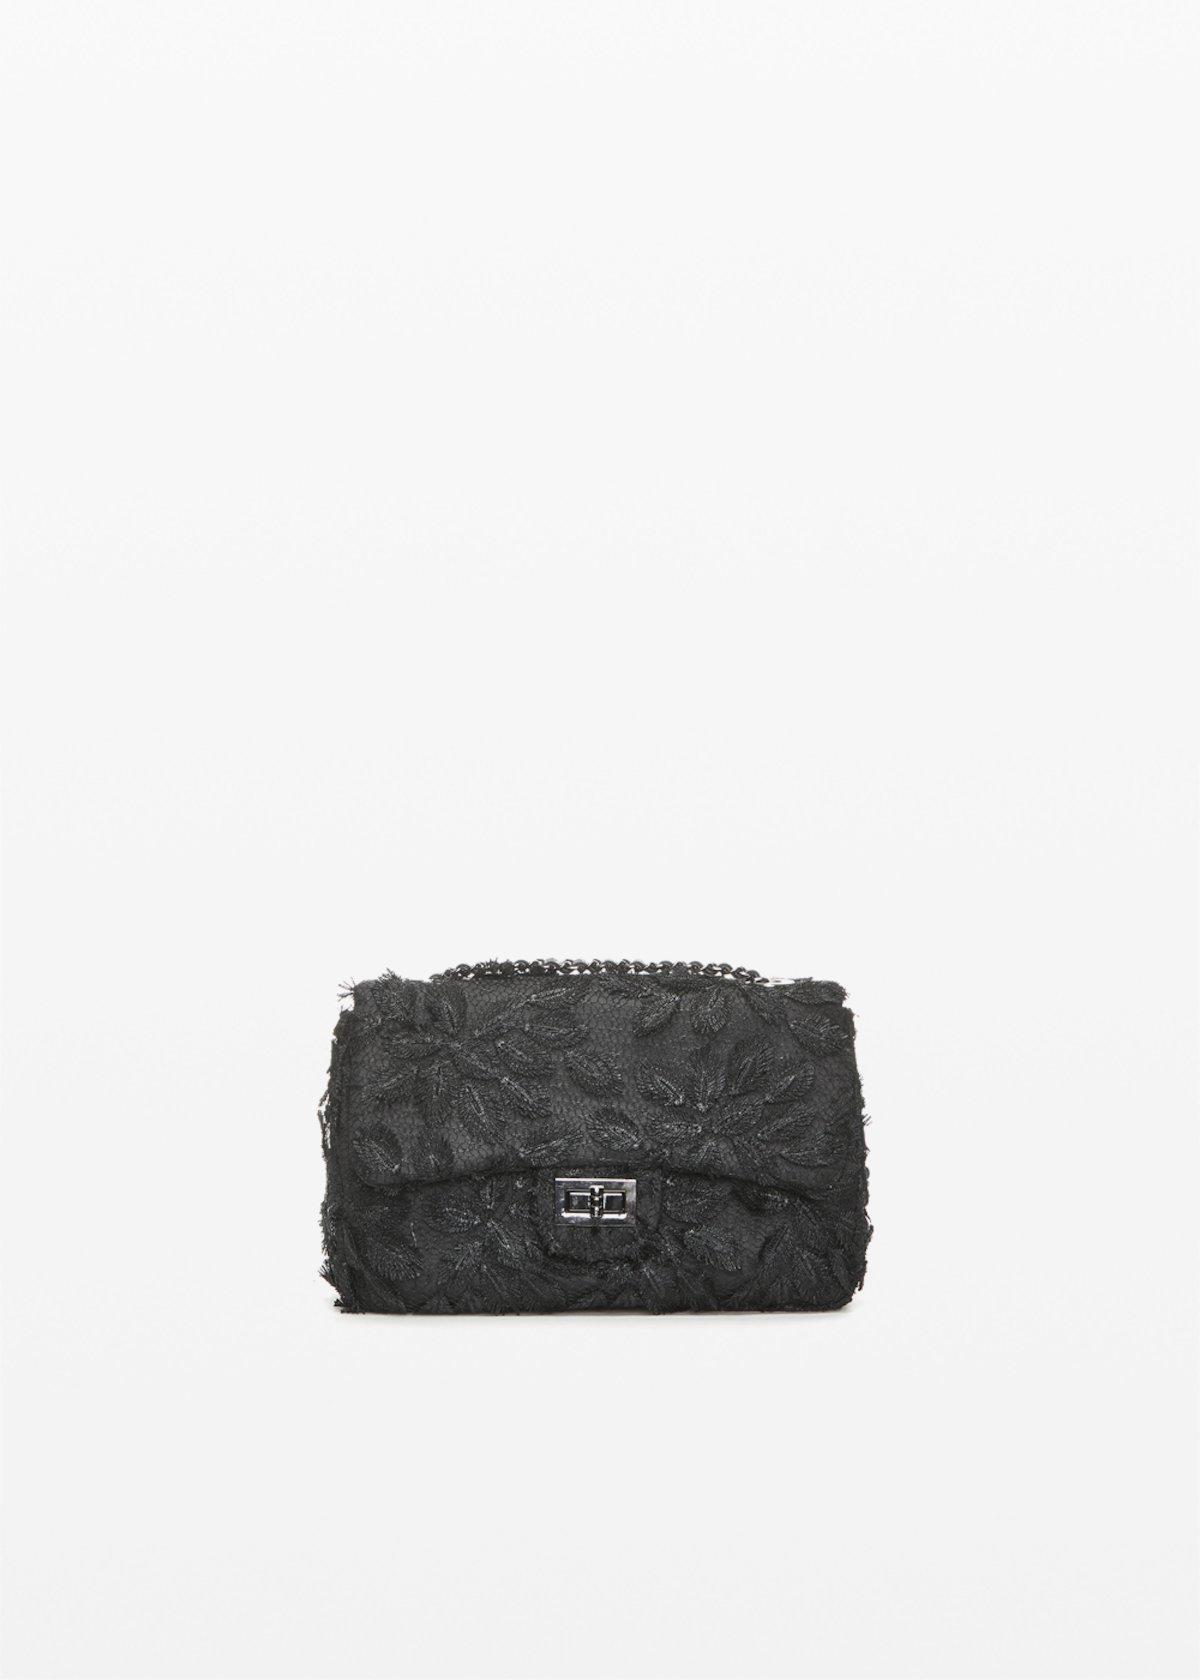 Pochette semi rigida Giadaleaf con fogliame - Black - Donna - Immagine categoria